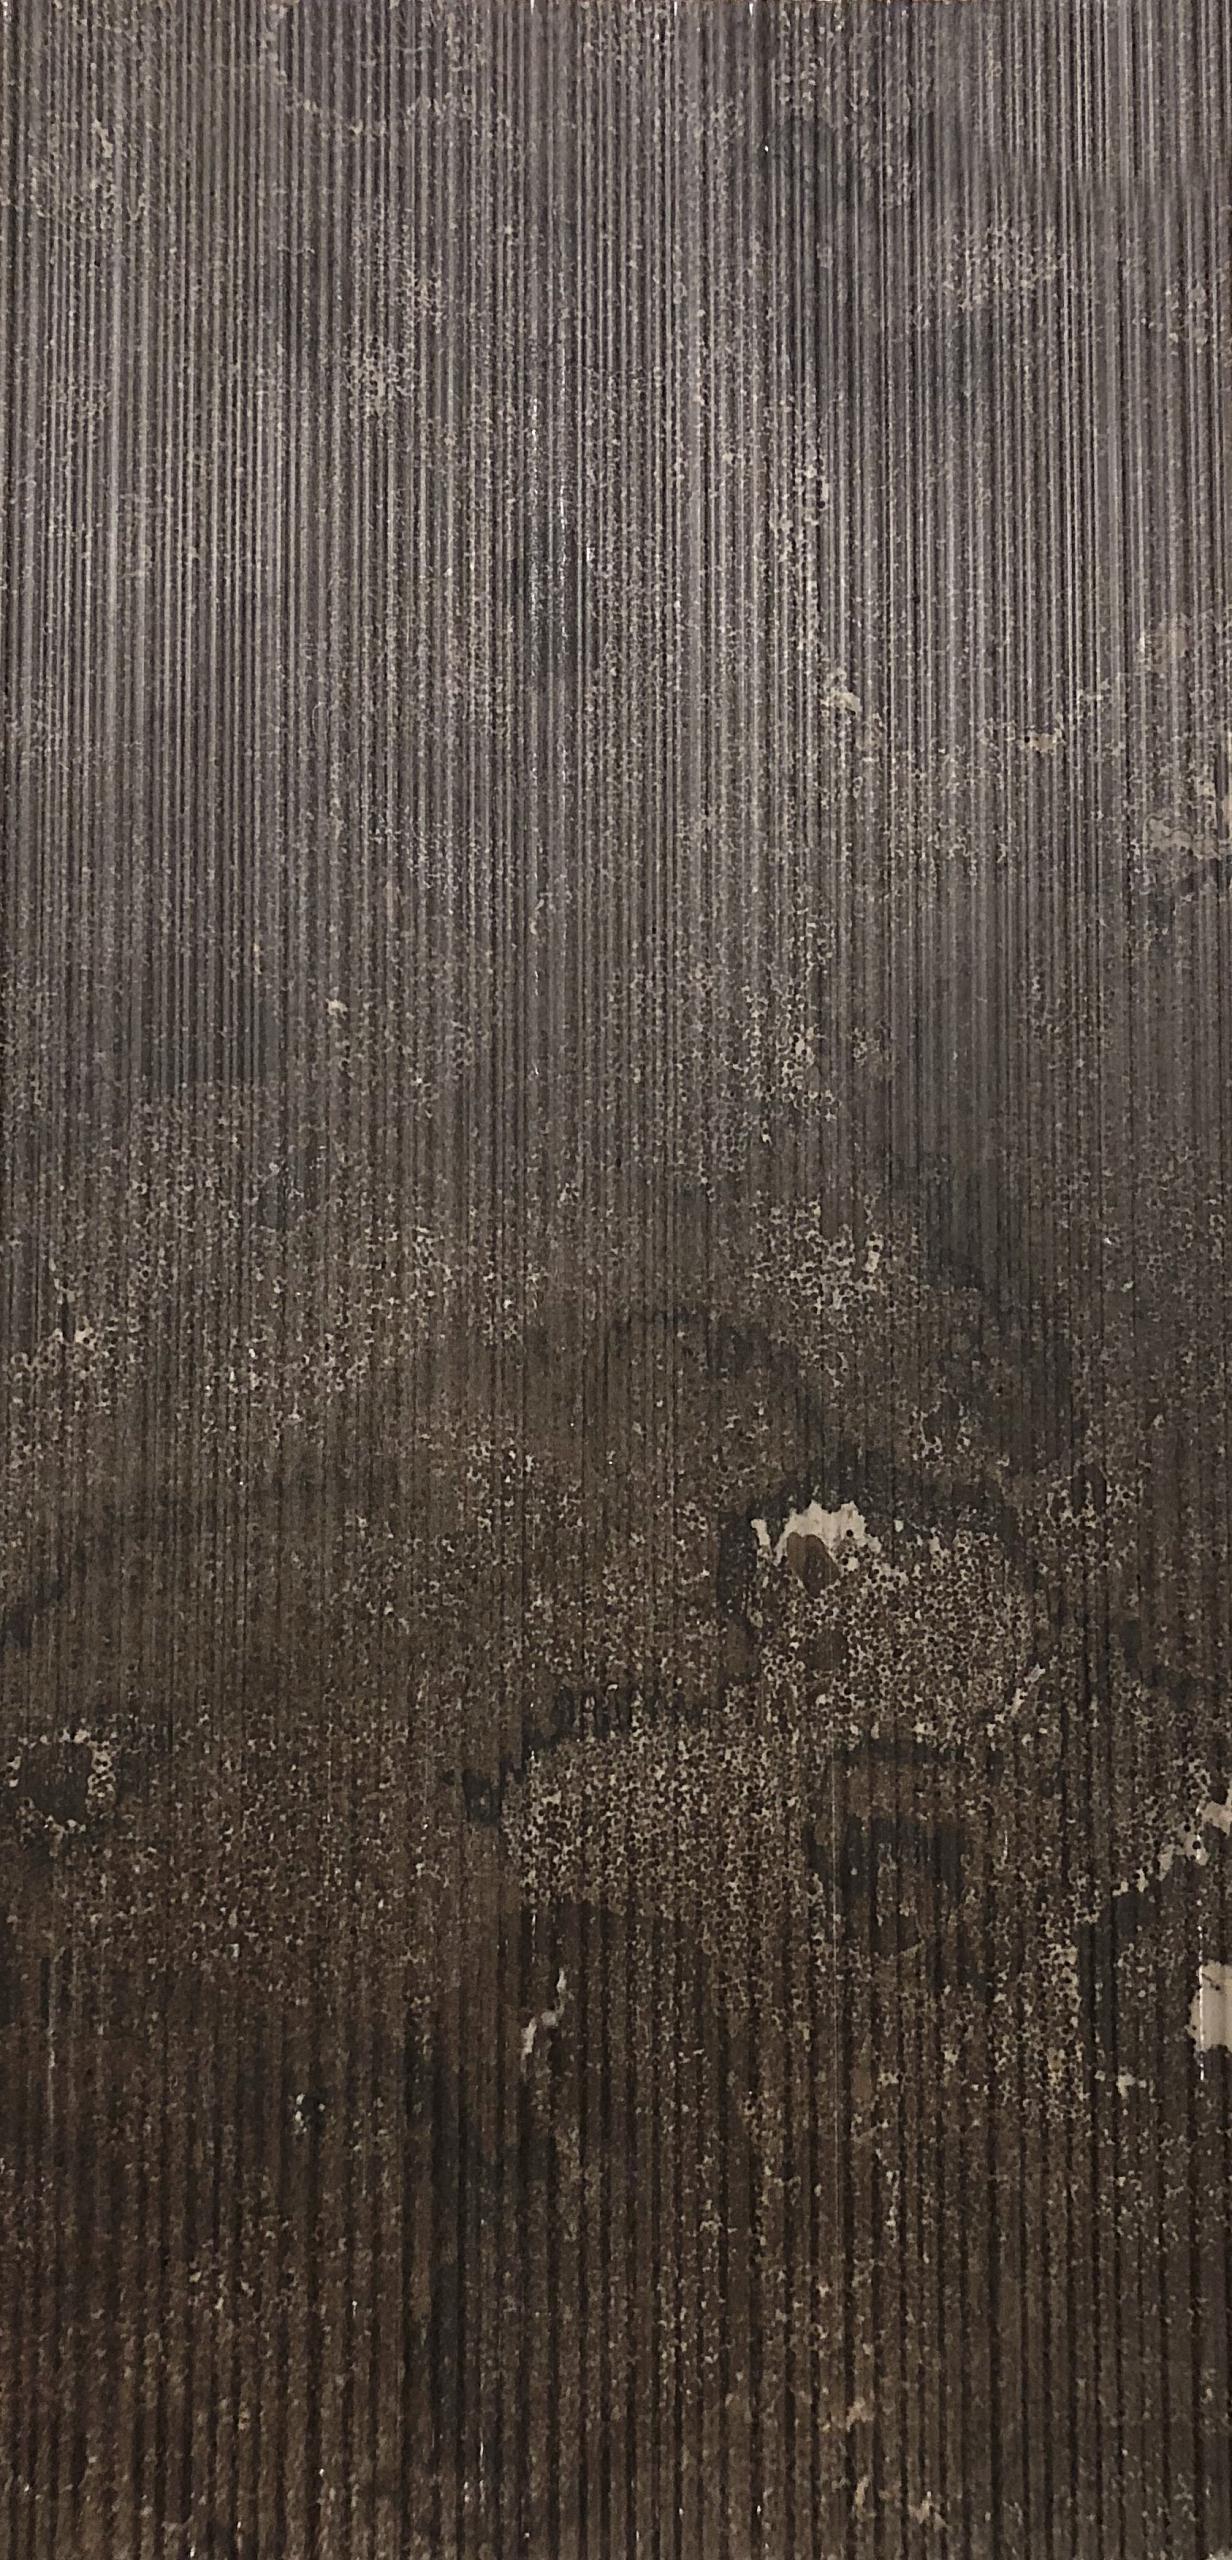 אבן חומה לחיפוי קיר בעיבוד מיוחד